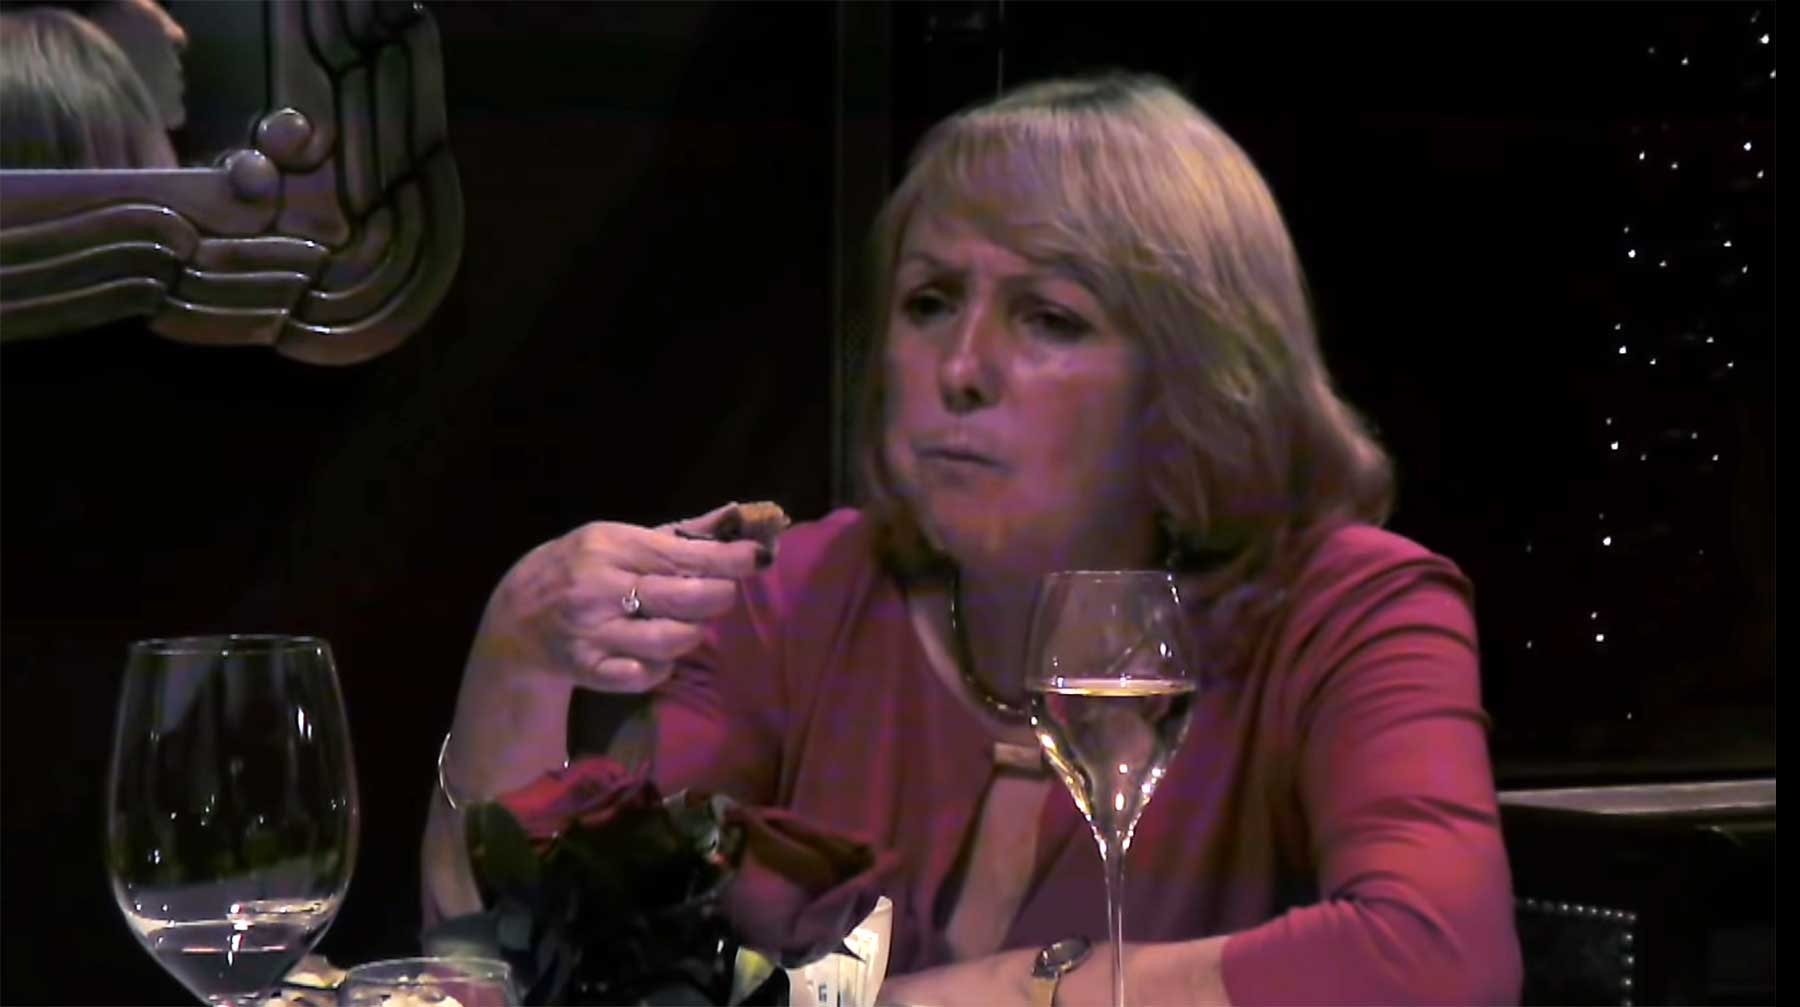 Frau bekommt ihr eigenes Essen im Sterne-Restaurant serviert frau-isst-ihr-eigenes-essen-im-restaurant